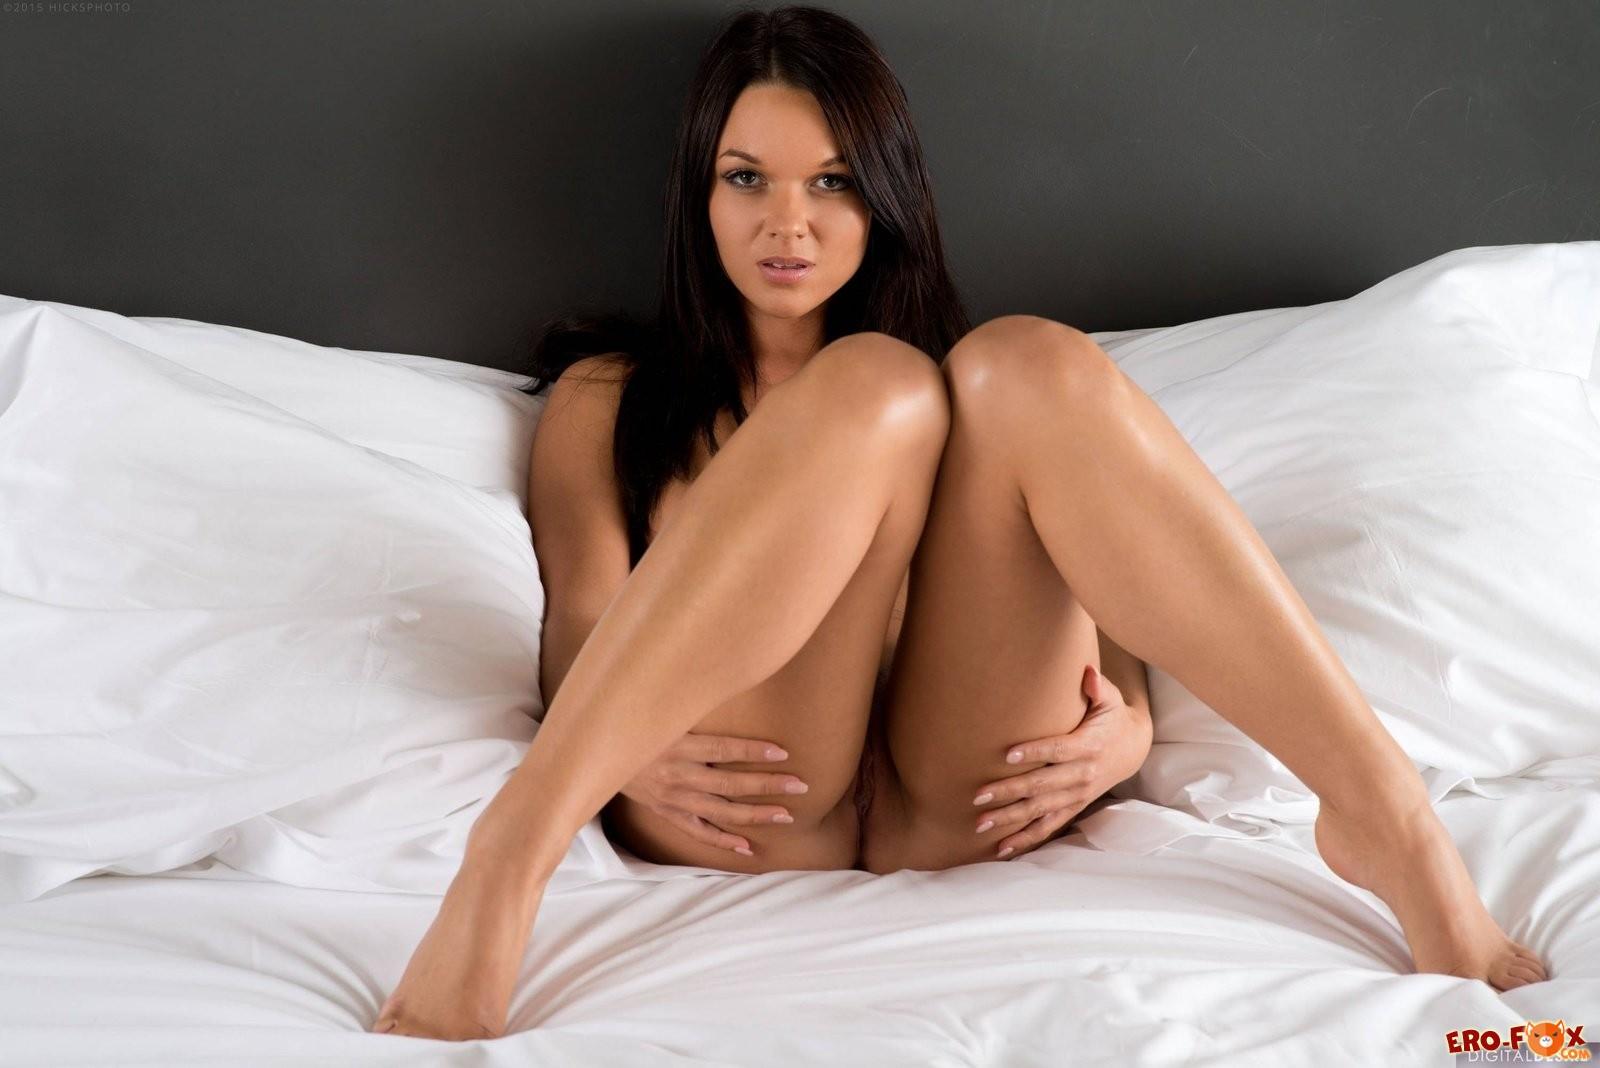 Обаятельная голая брюнетка в белой постели